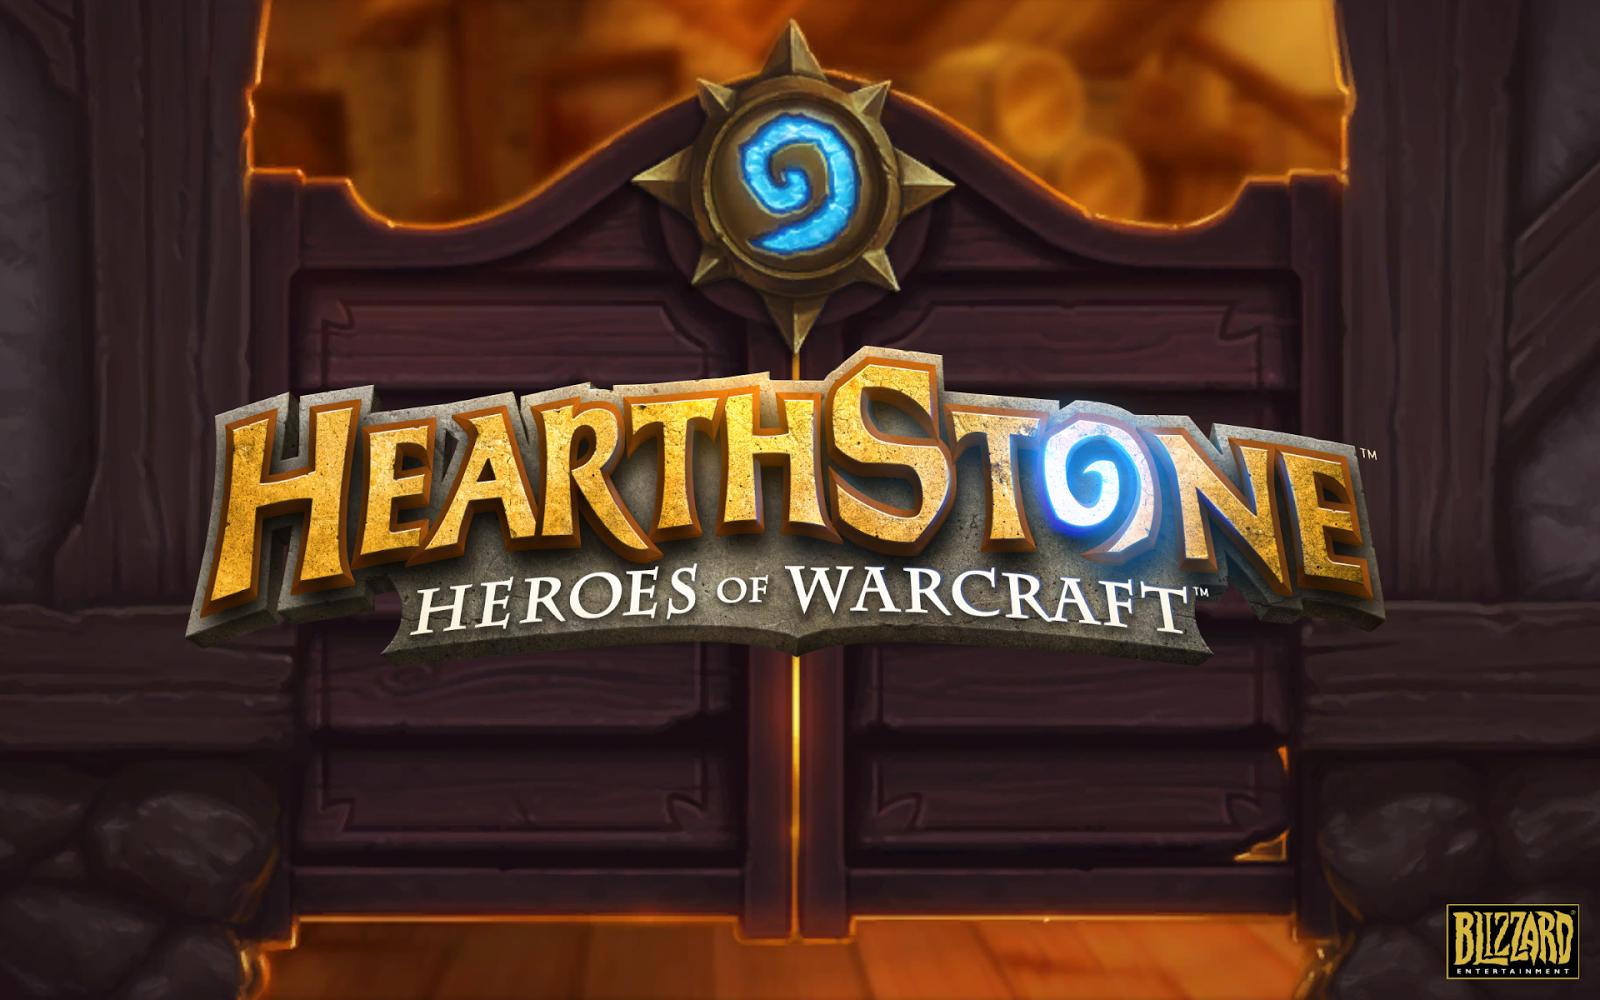 Hearthstone arena prizes per winge